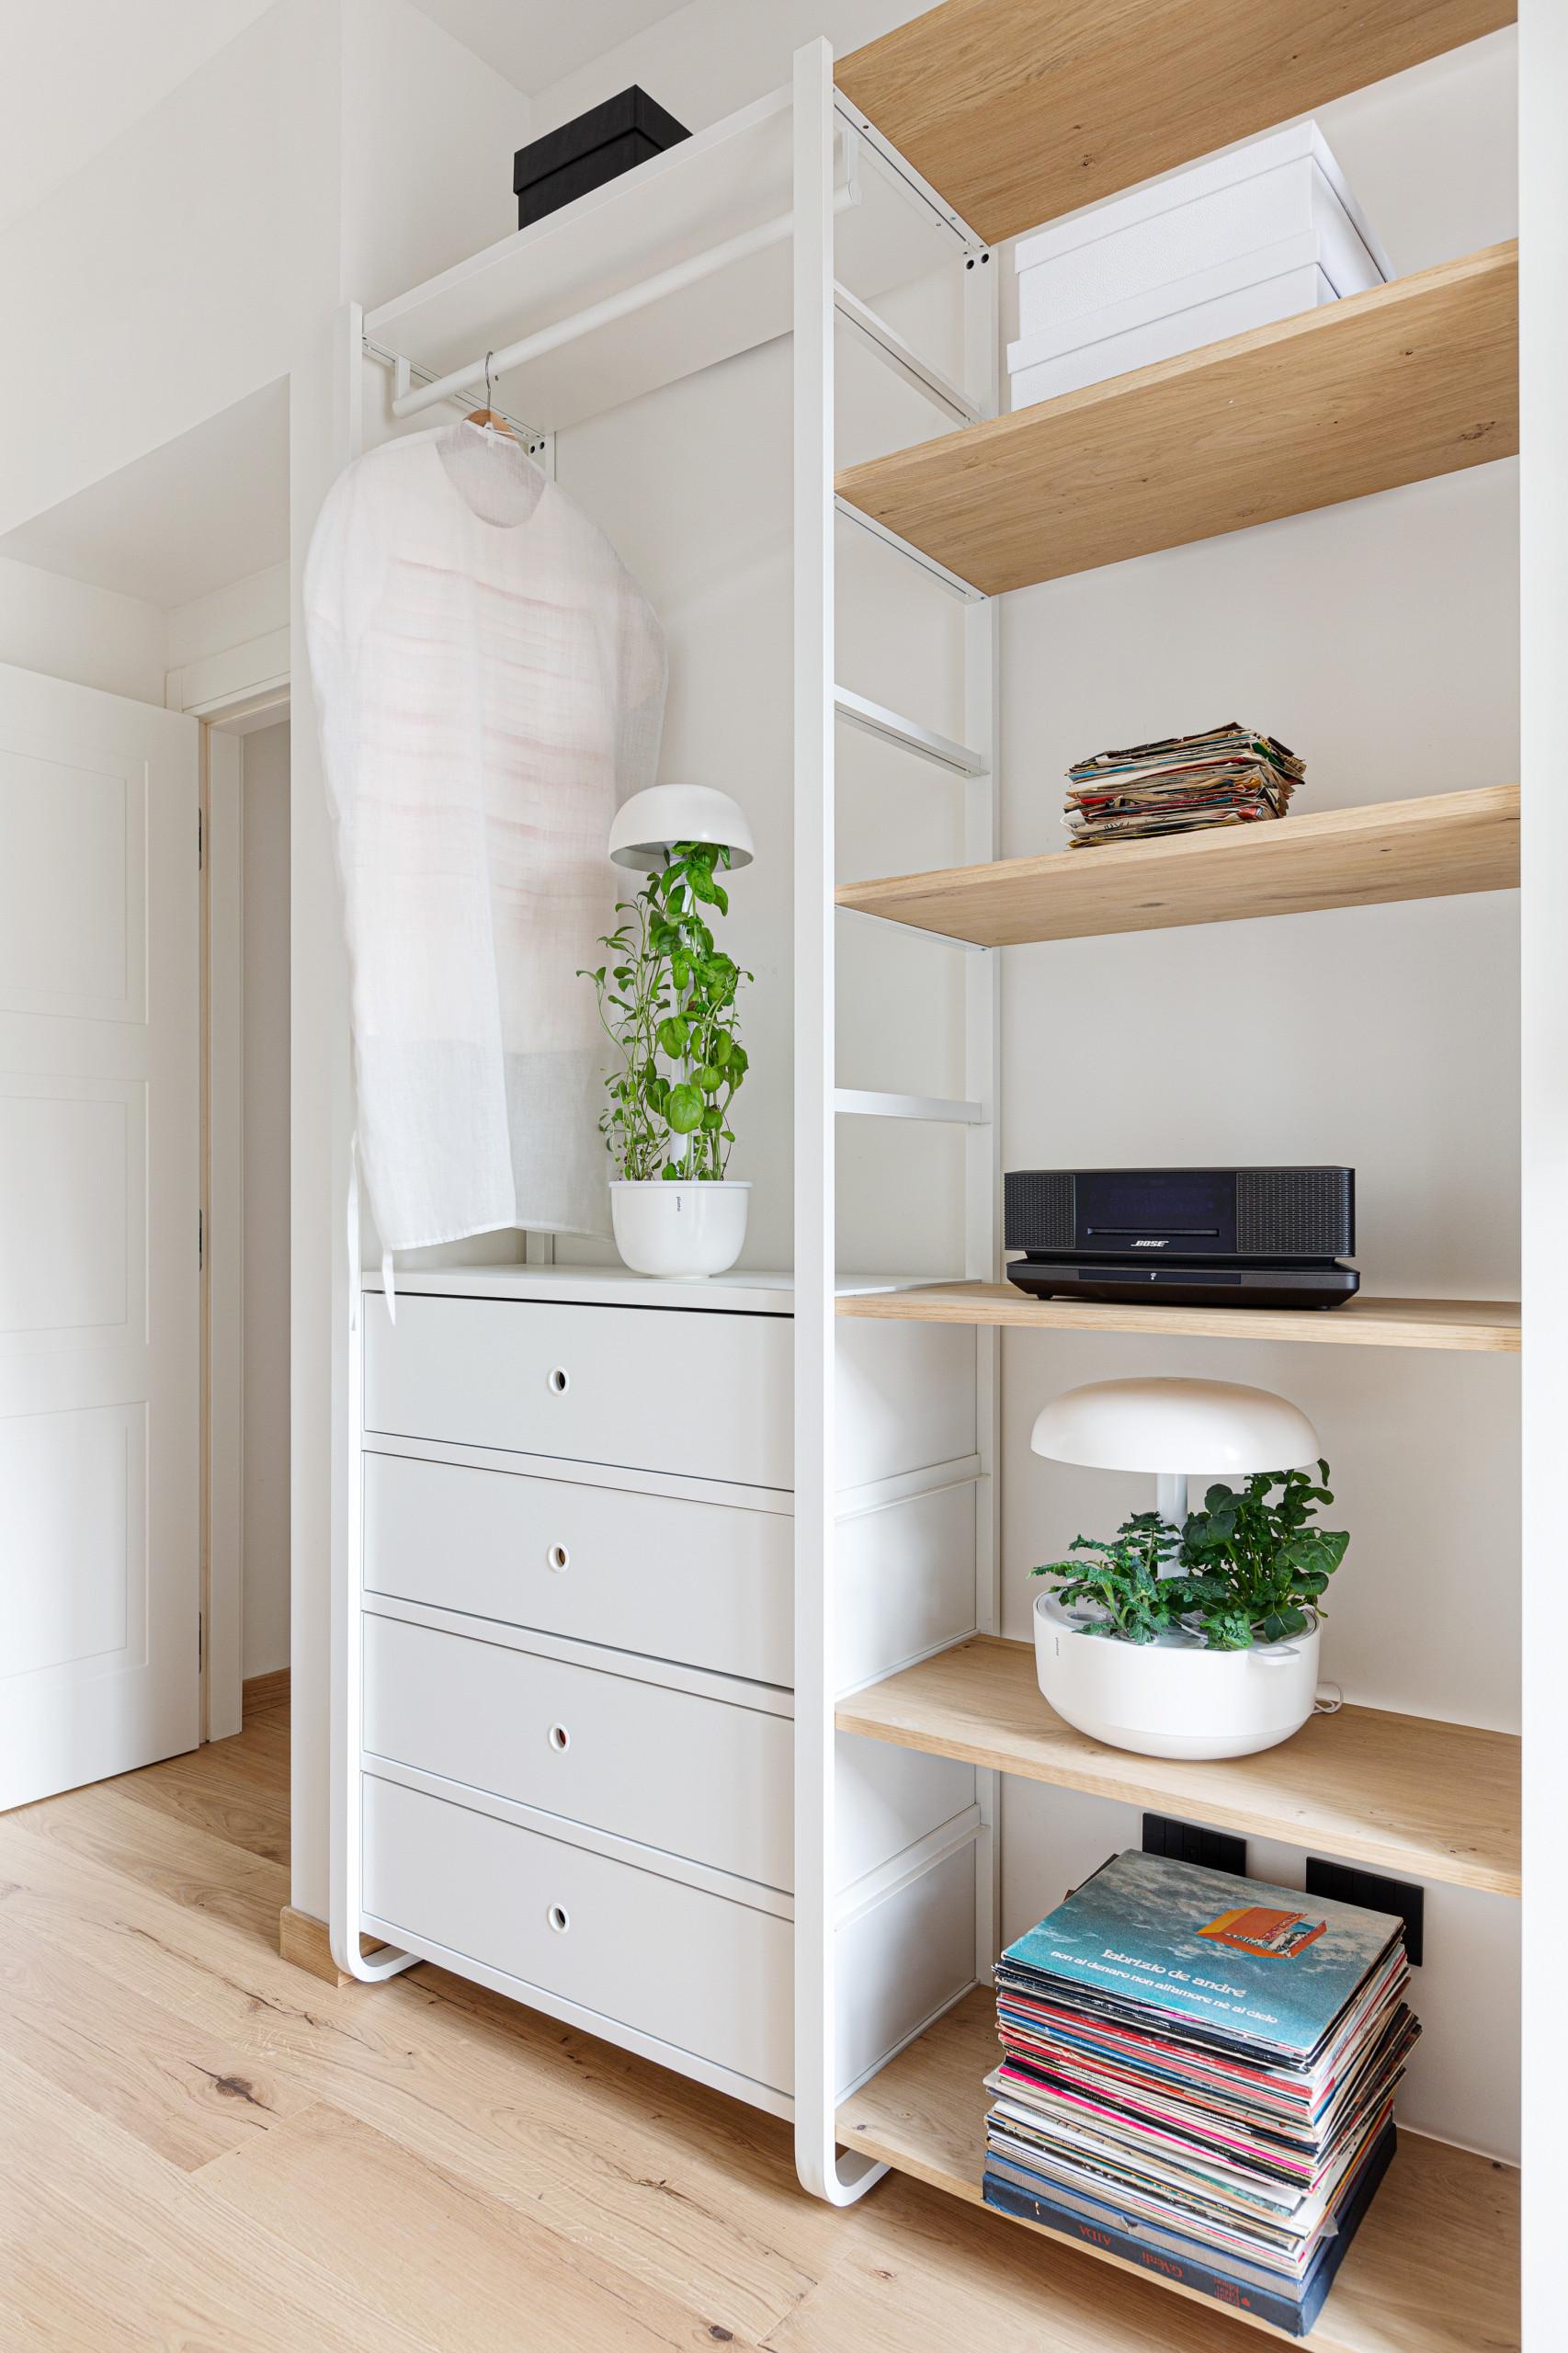 Come ricavare un angolo studio in soggiorno; Mobile Elvarli Su Misura Scandinavian Home Office Milan By Matteo Martini Architetto Houzz